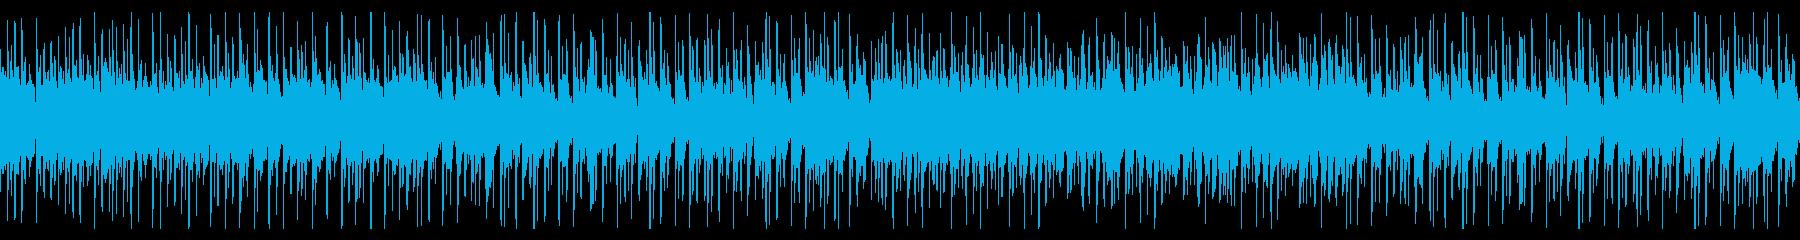 和太鼓と三味線と尺八が織り成す和風音楽の再生済みの波形